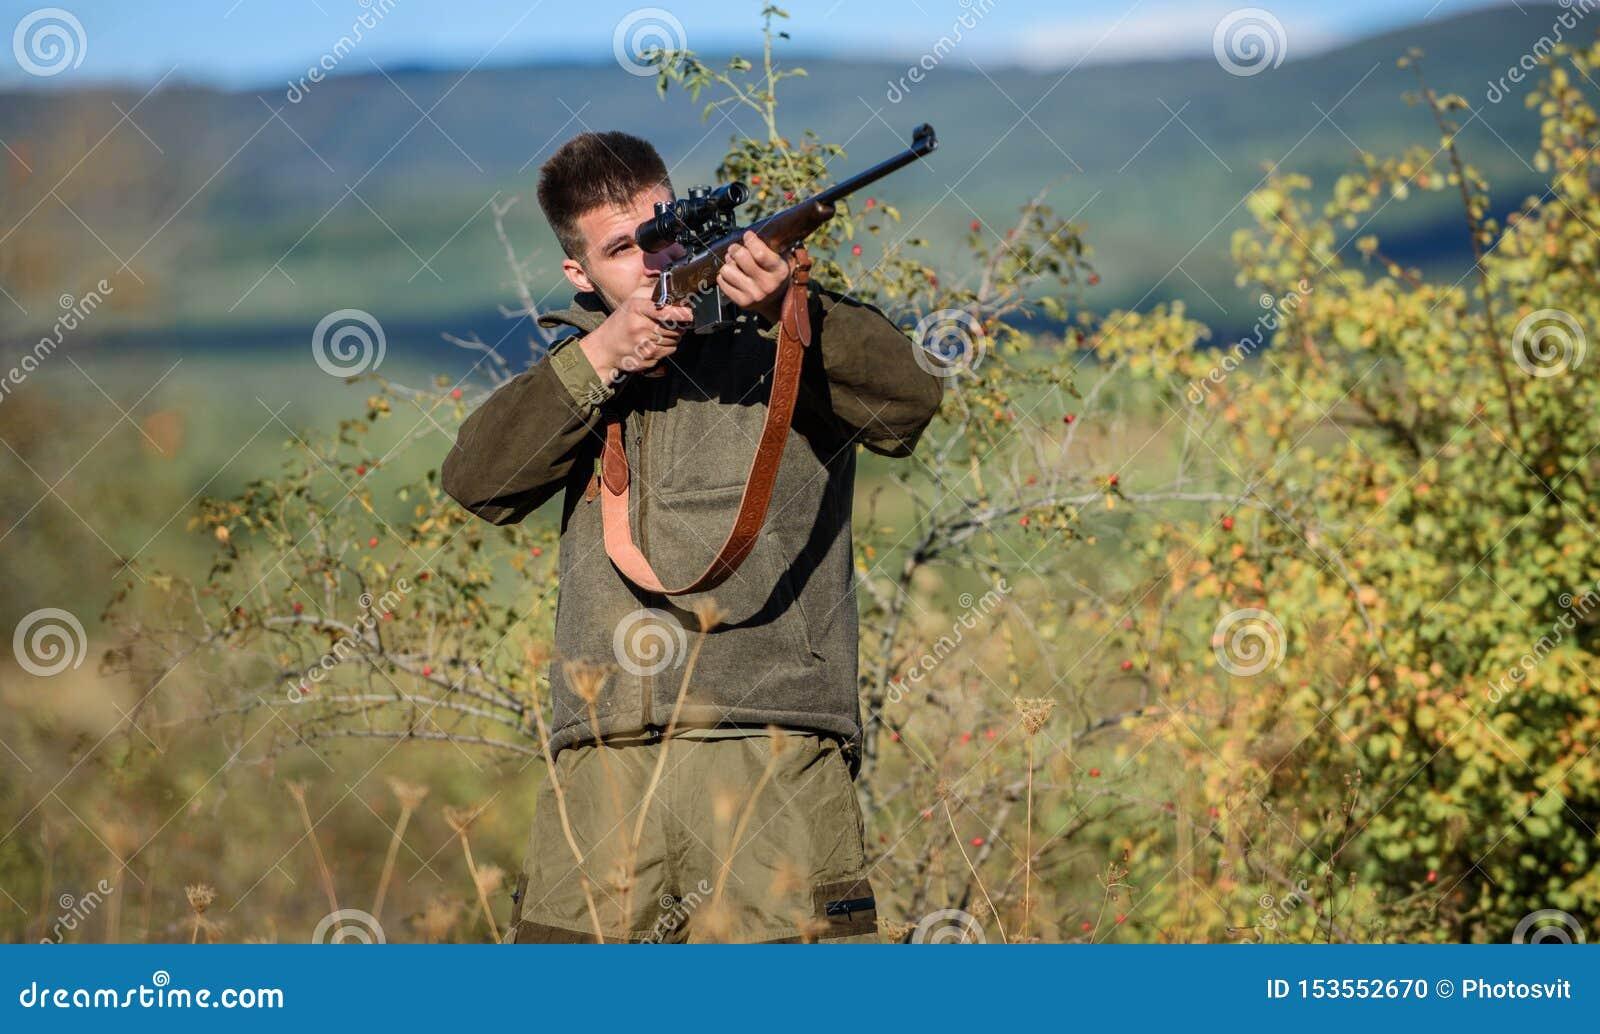 Jaga utrustning f?r professionell Jakt ?r den brutala manliga hobbyen Man som siktar m?lnaturbakgrund siktar